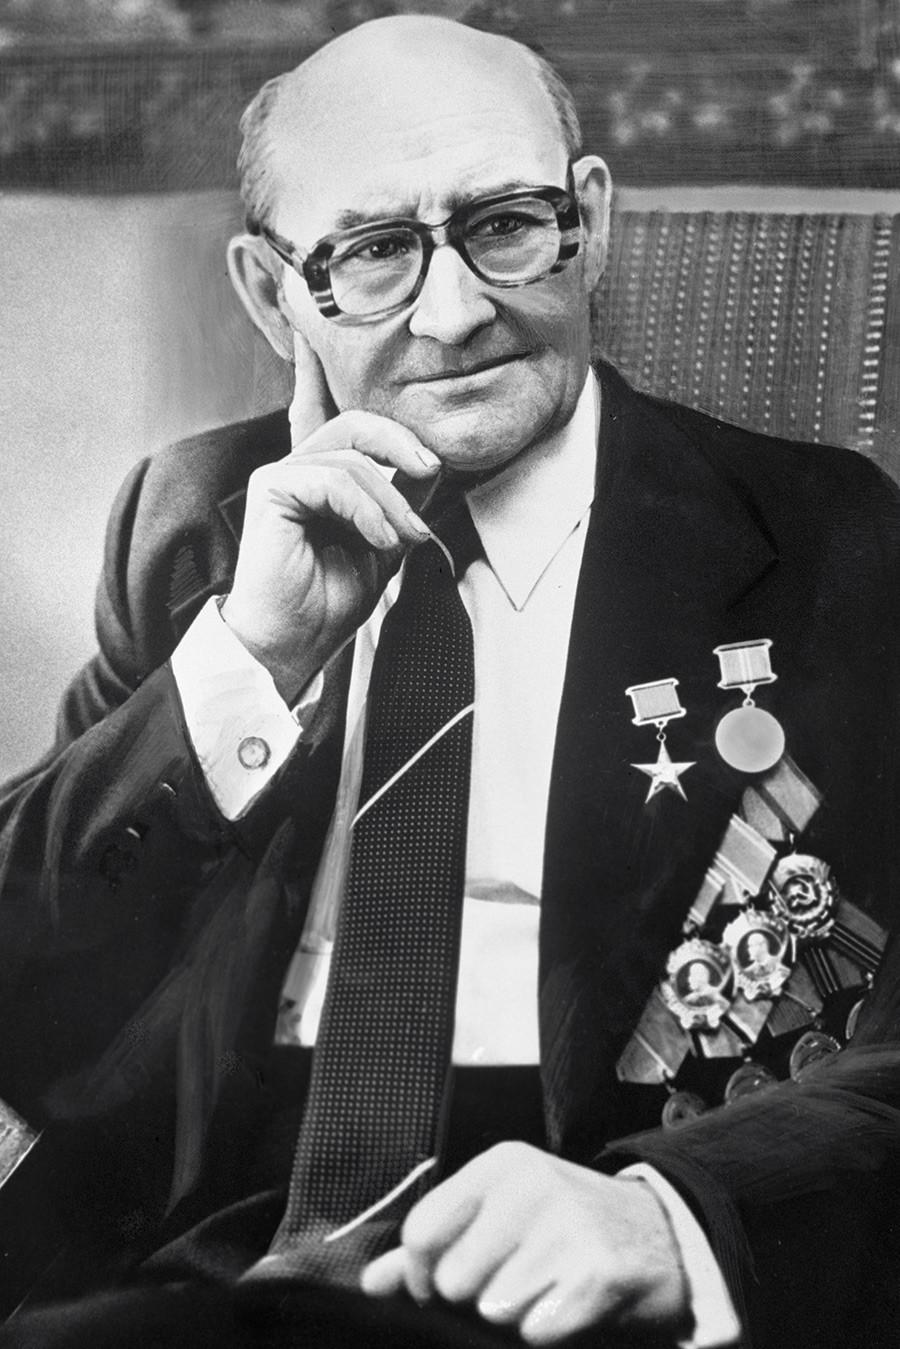 Nikolaj Fjodorovič Makarov (1914-1988), sovjetski konstruktor orožja, heroj socialističnega dela, dobitnik Stalinove nagrade in državne nagrade ZSSR ter častni prebivalec Tulske regije